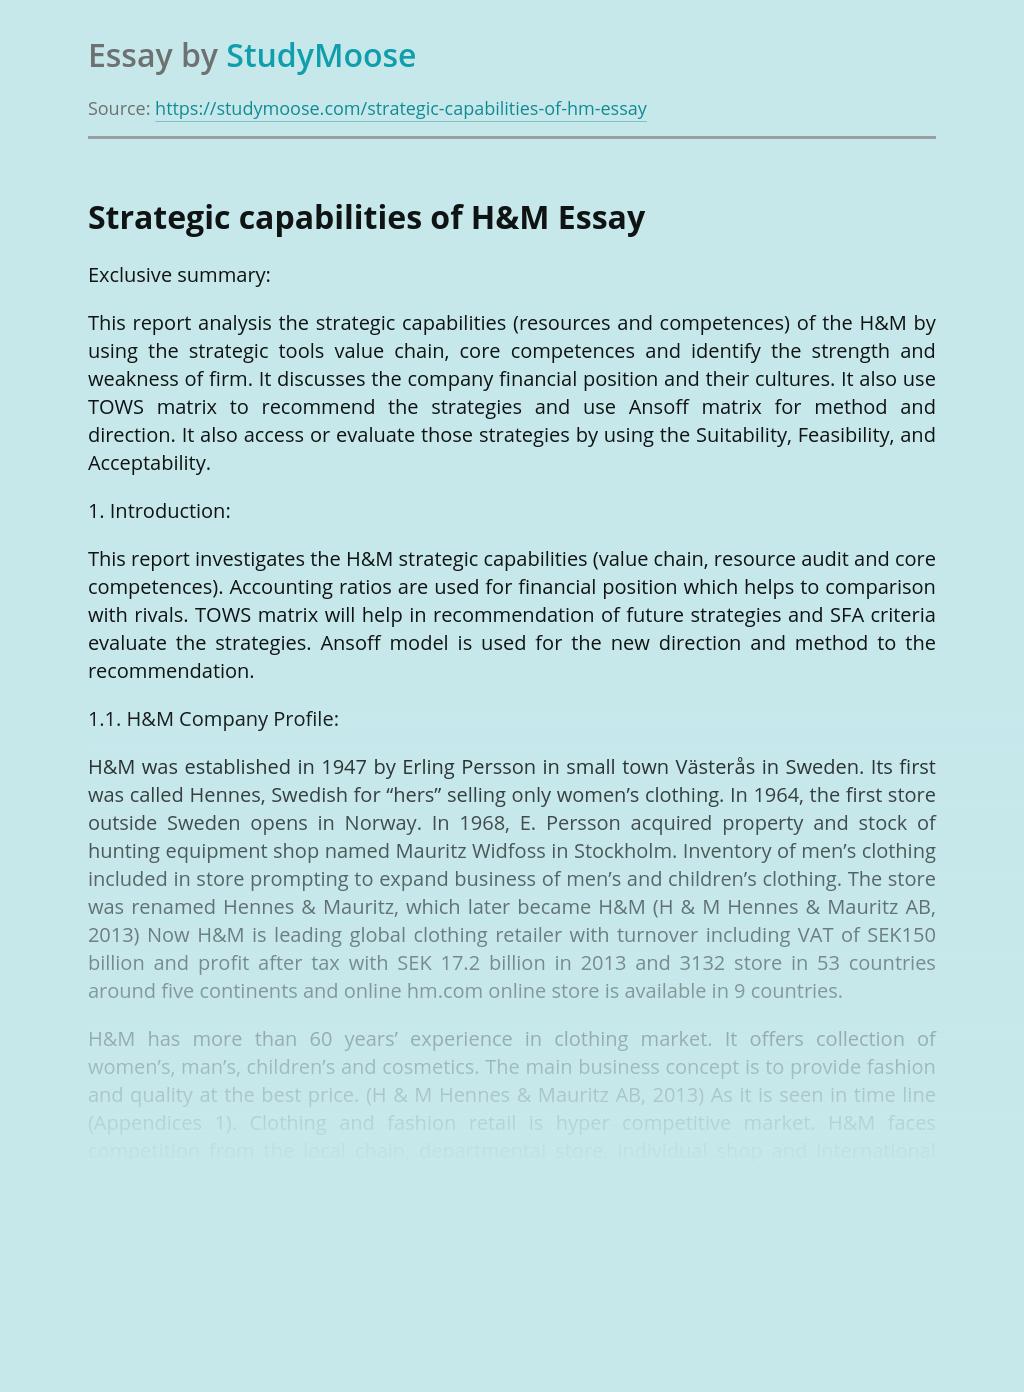 Strategic capabilities of H&M